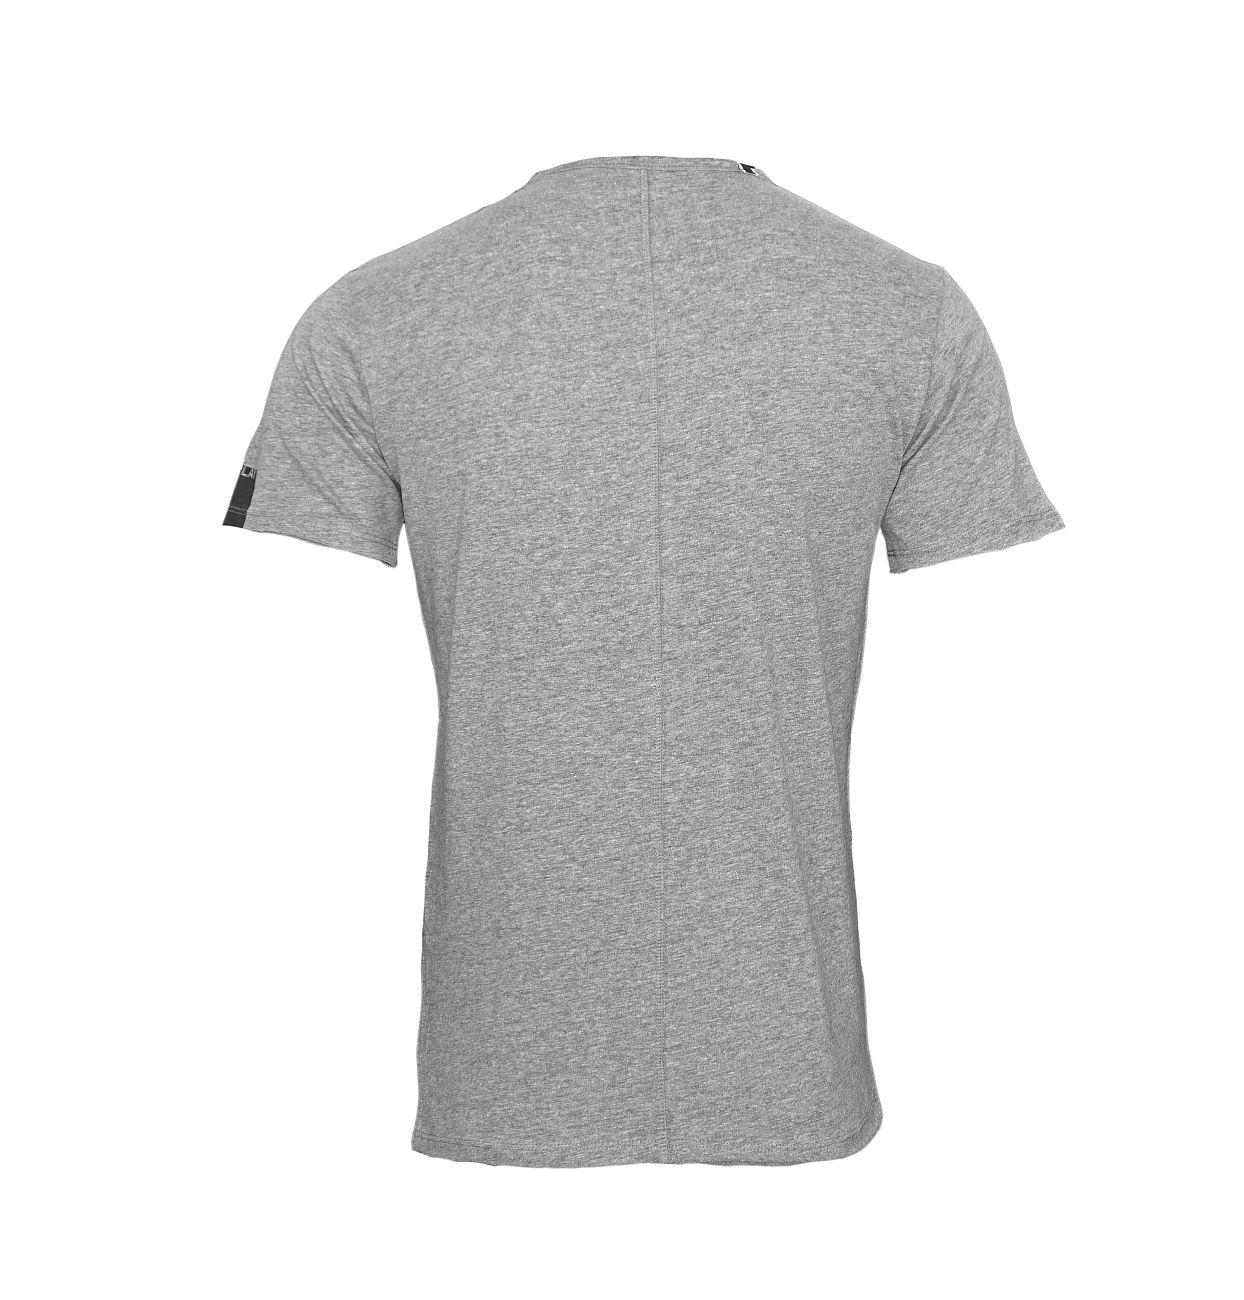 Replay T-Shirt Shirt V-Ausschnitt M3591.000 2660.M03 DARK GREY MELANGE S18-RPT4